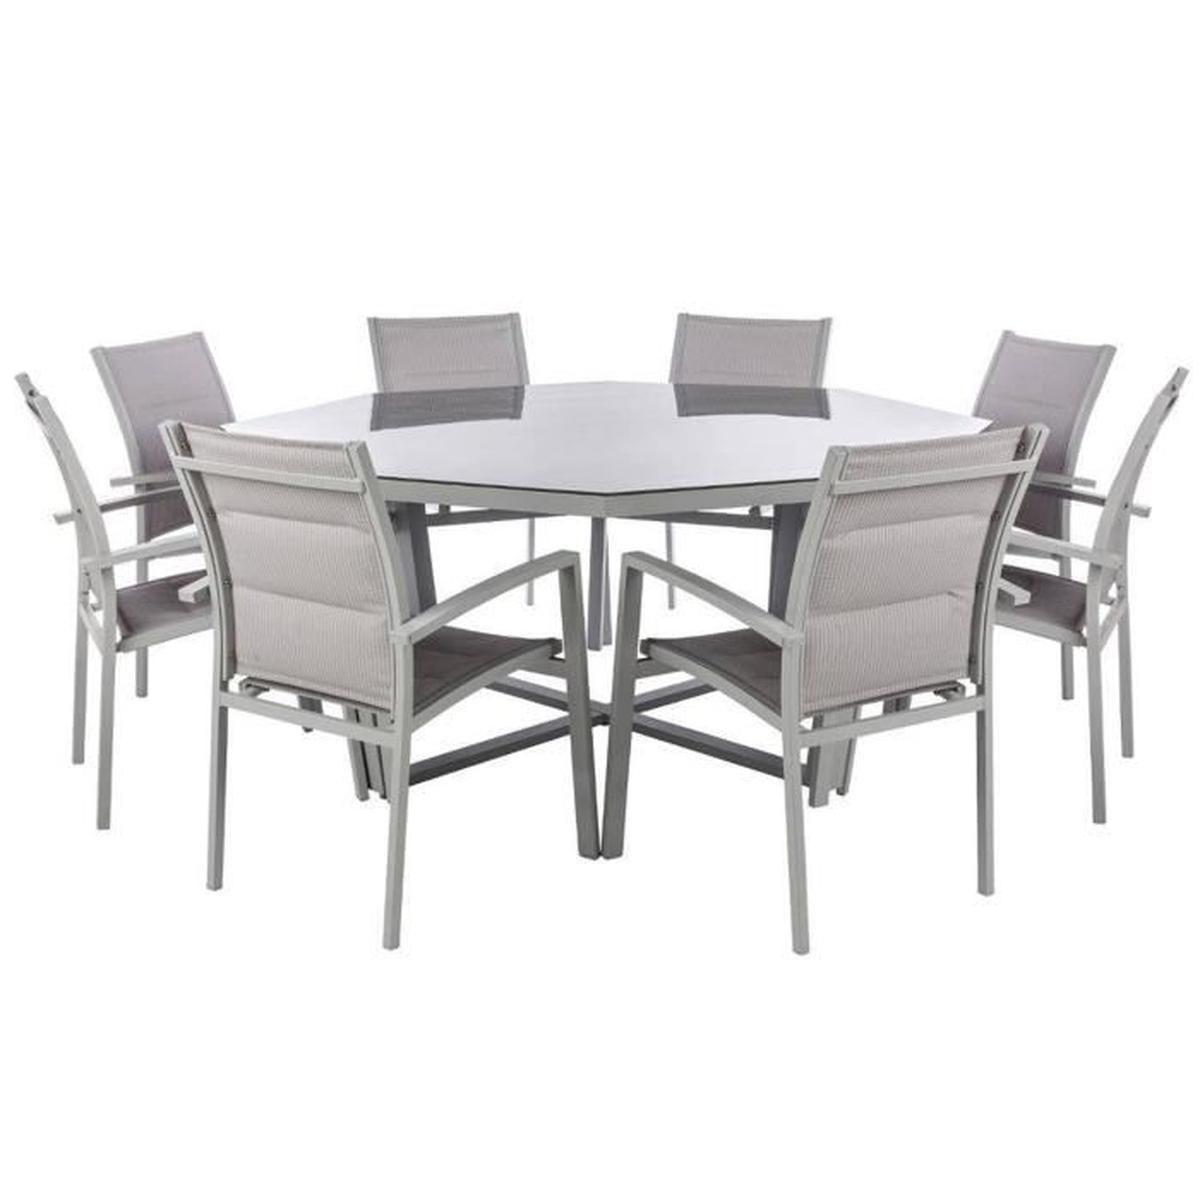 Table Octogonale En Aluminium Et Verre Trempé Coloris Galet ... dedans Table De Jardin Cdiscount